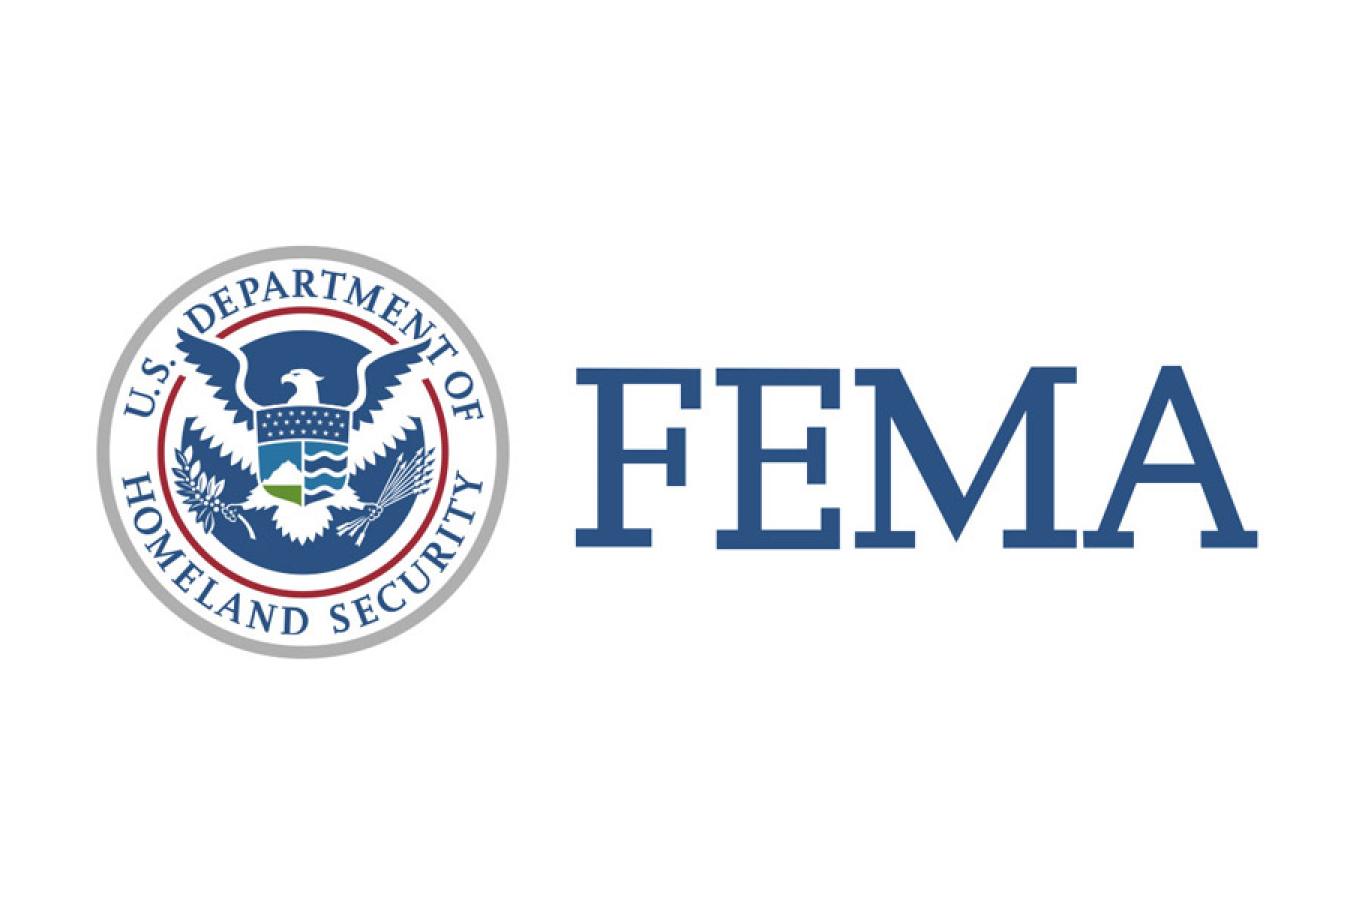 Federal Emergency Management Agency (FEMA) Logo